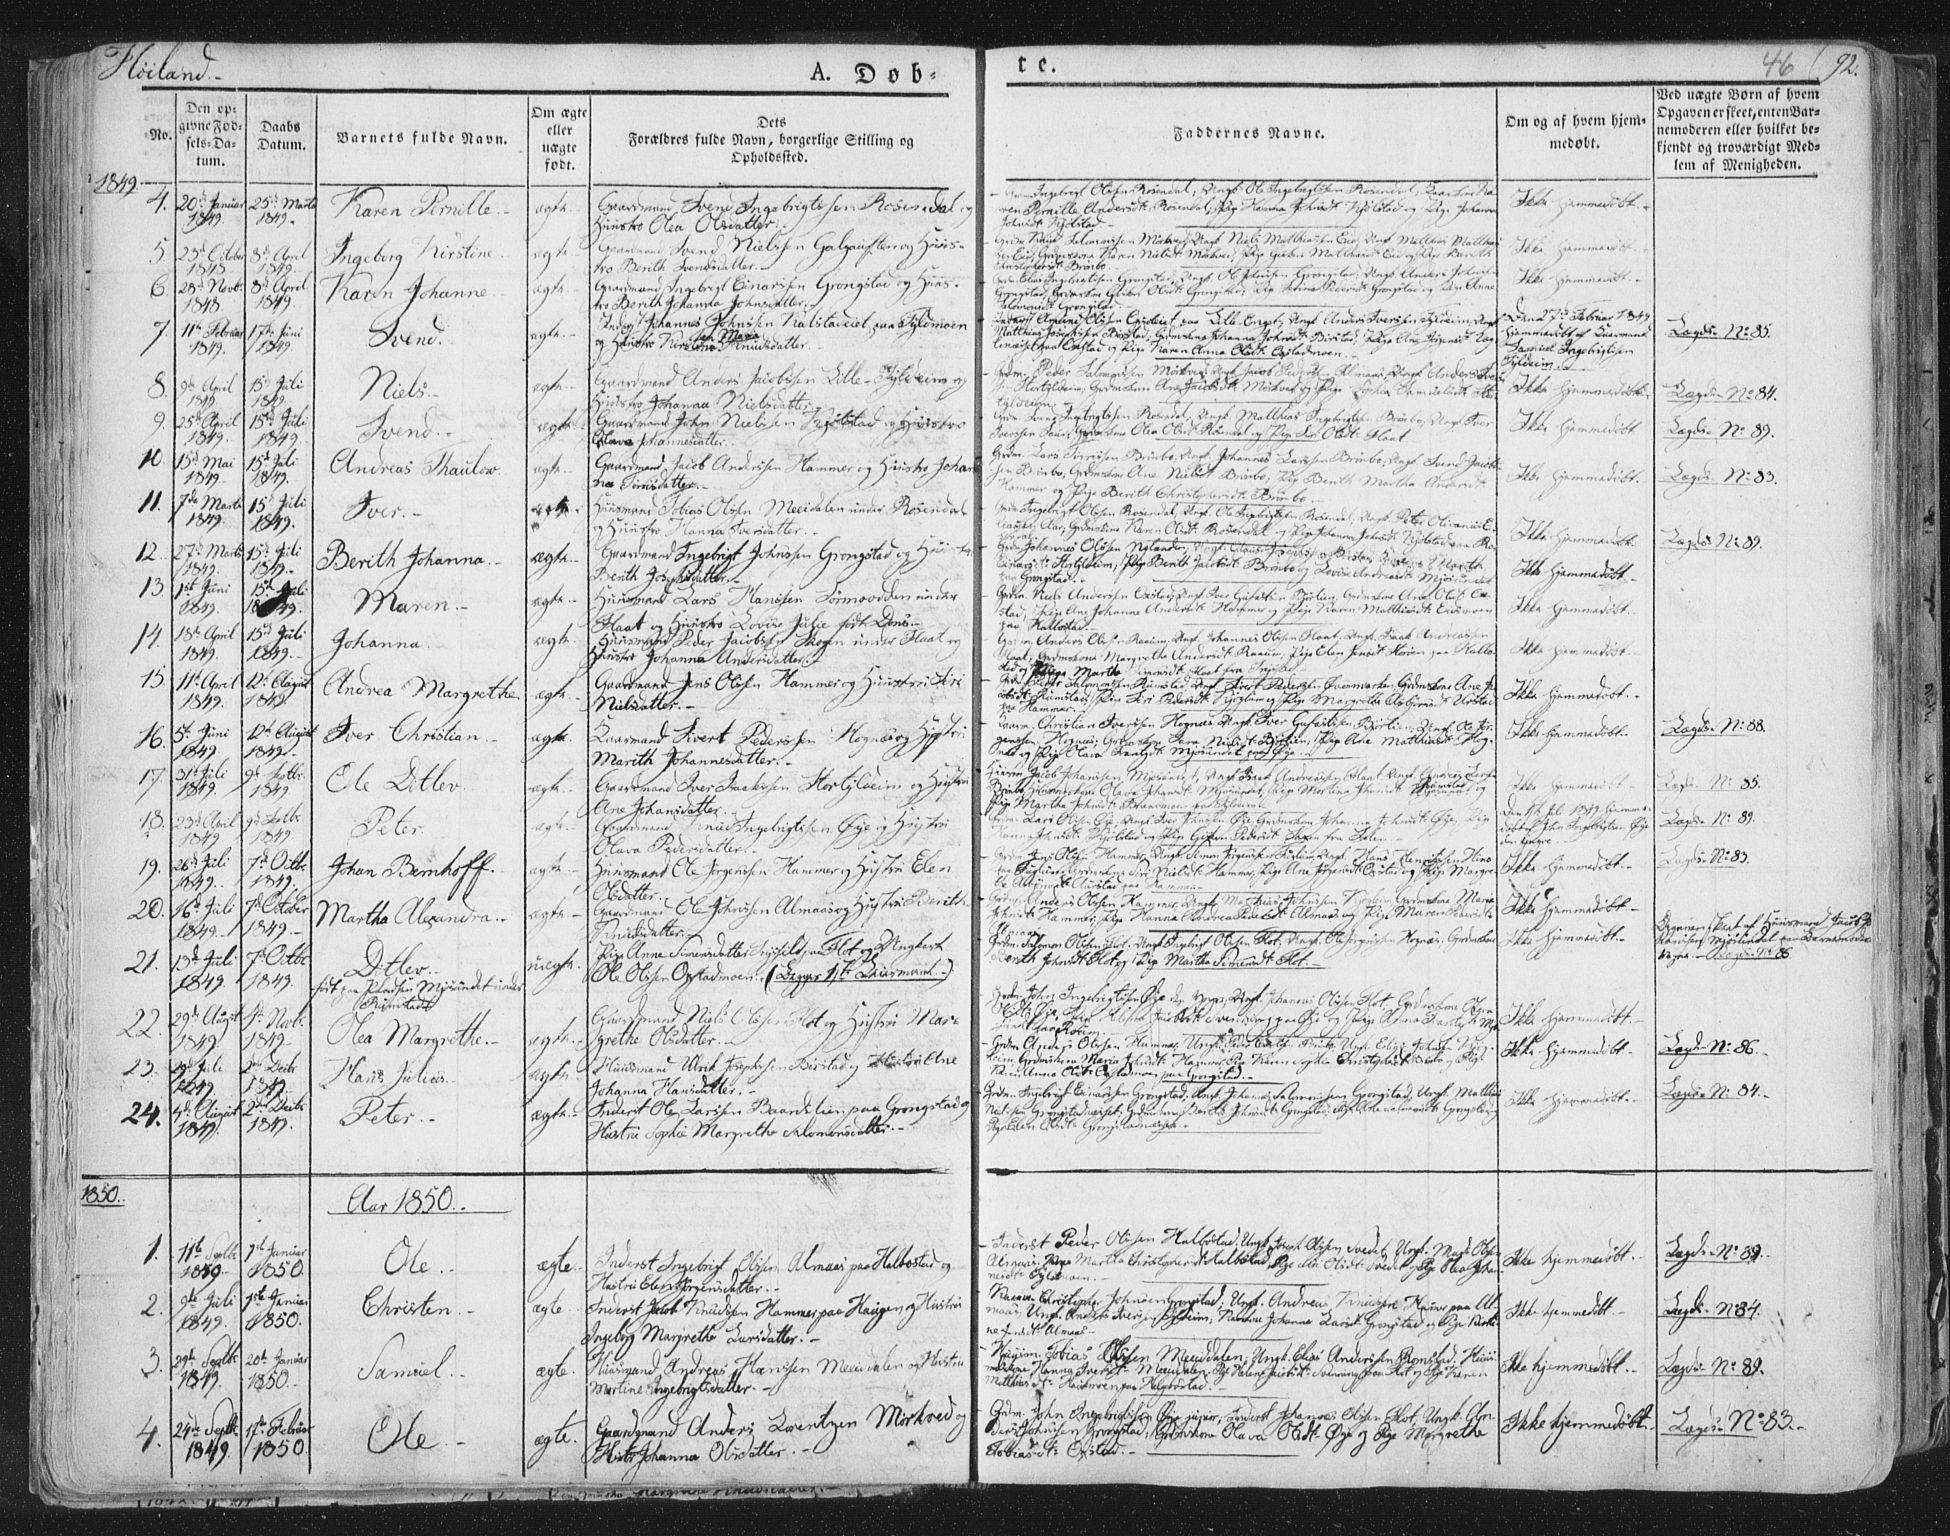 SAT, Ministerialprotokoller, klokkerbøker og fødselsregistre - Nord-Trøndelag, 758/L0513: Ministerialbok nr. 758A02 /2, 1839-1868, s. 46